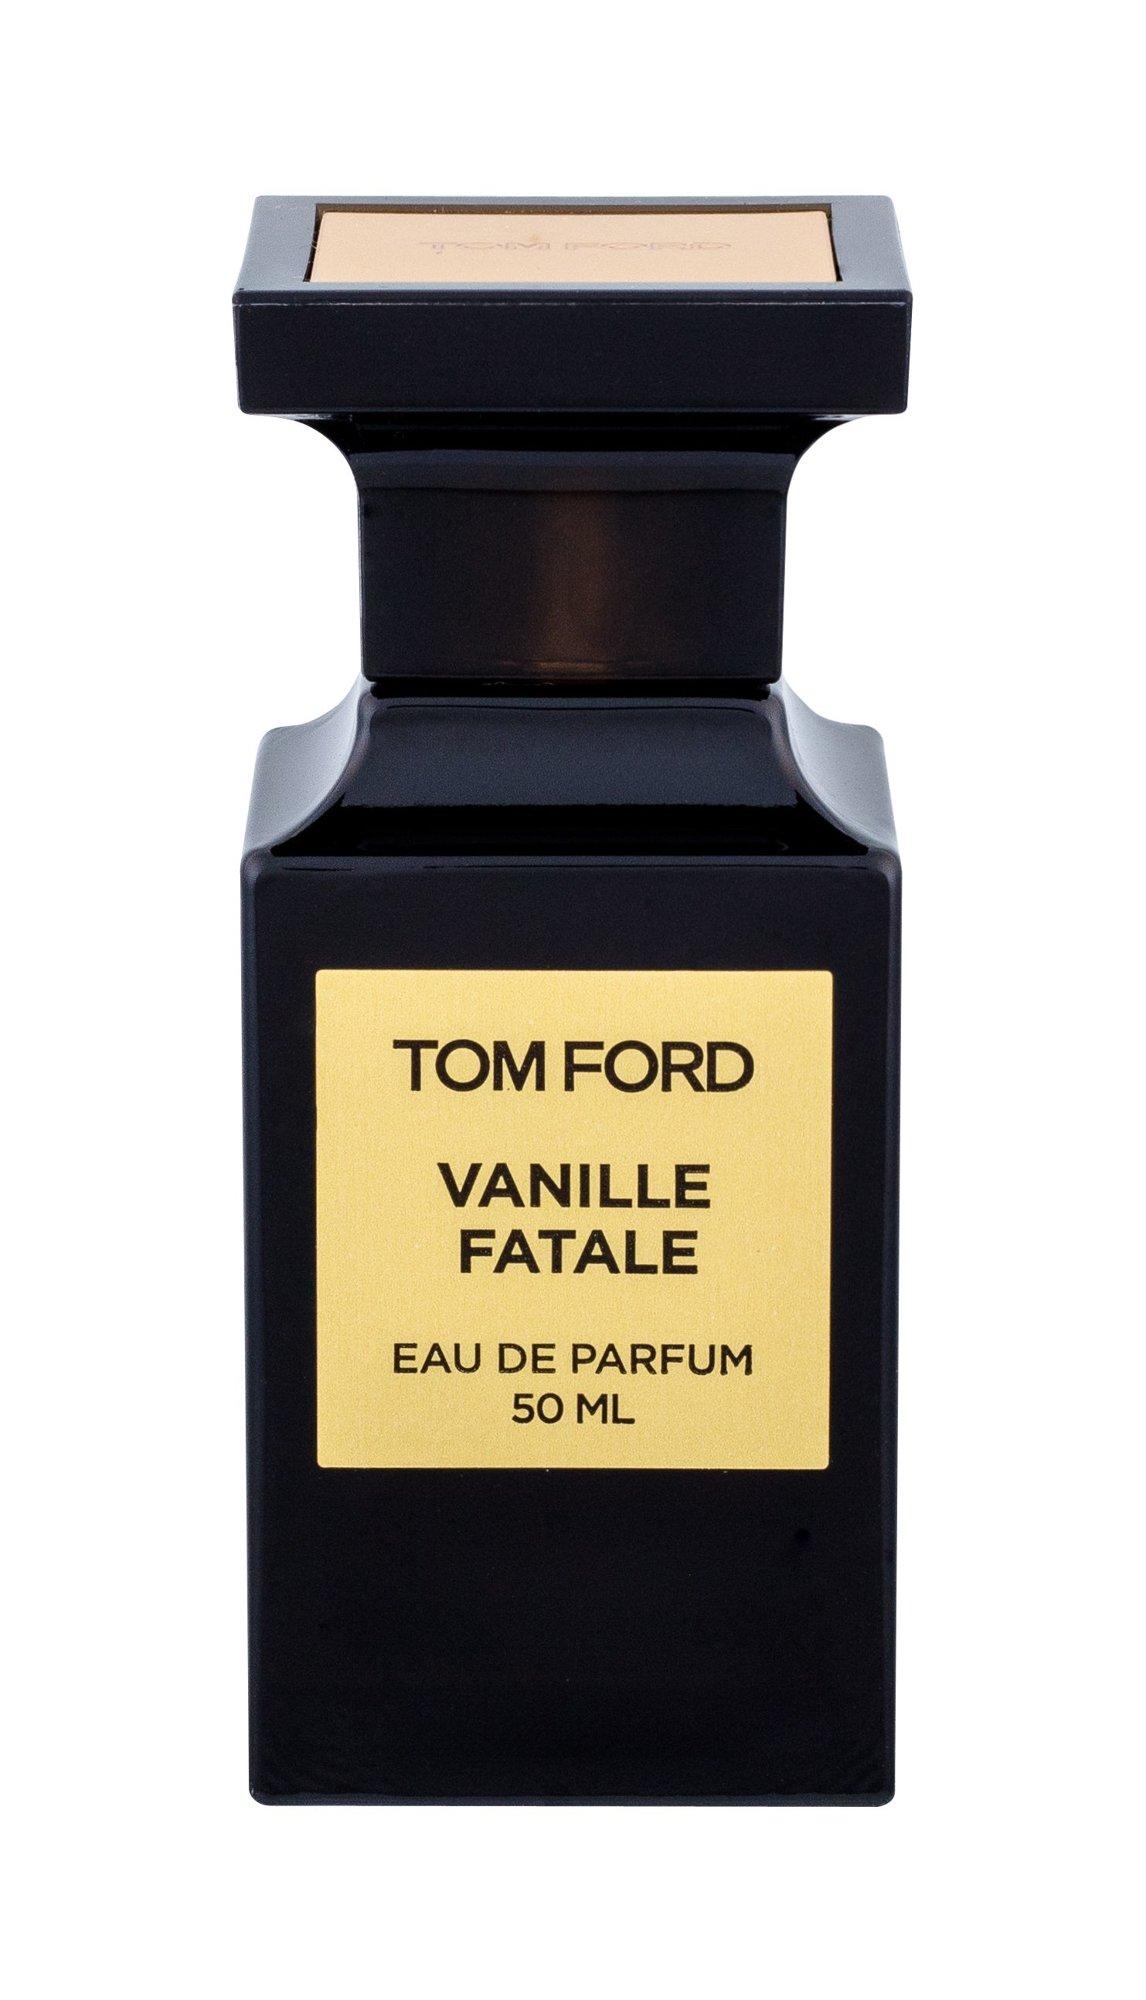 TOM FORD Vanille Fatale, edp 100ml